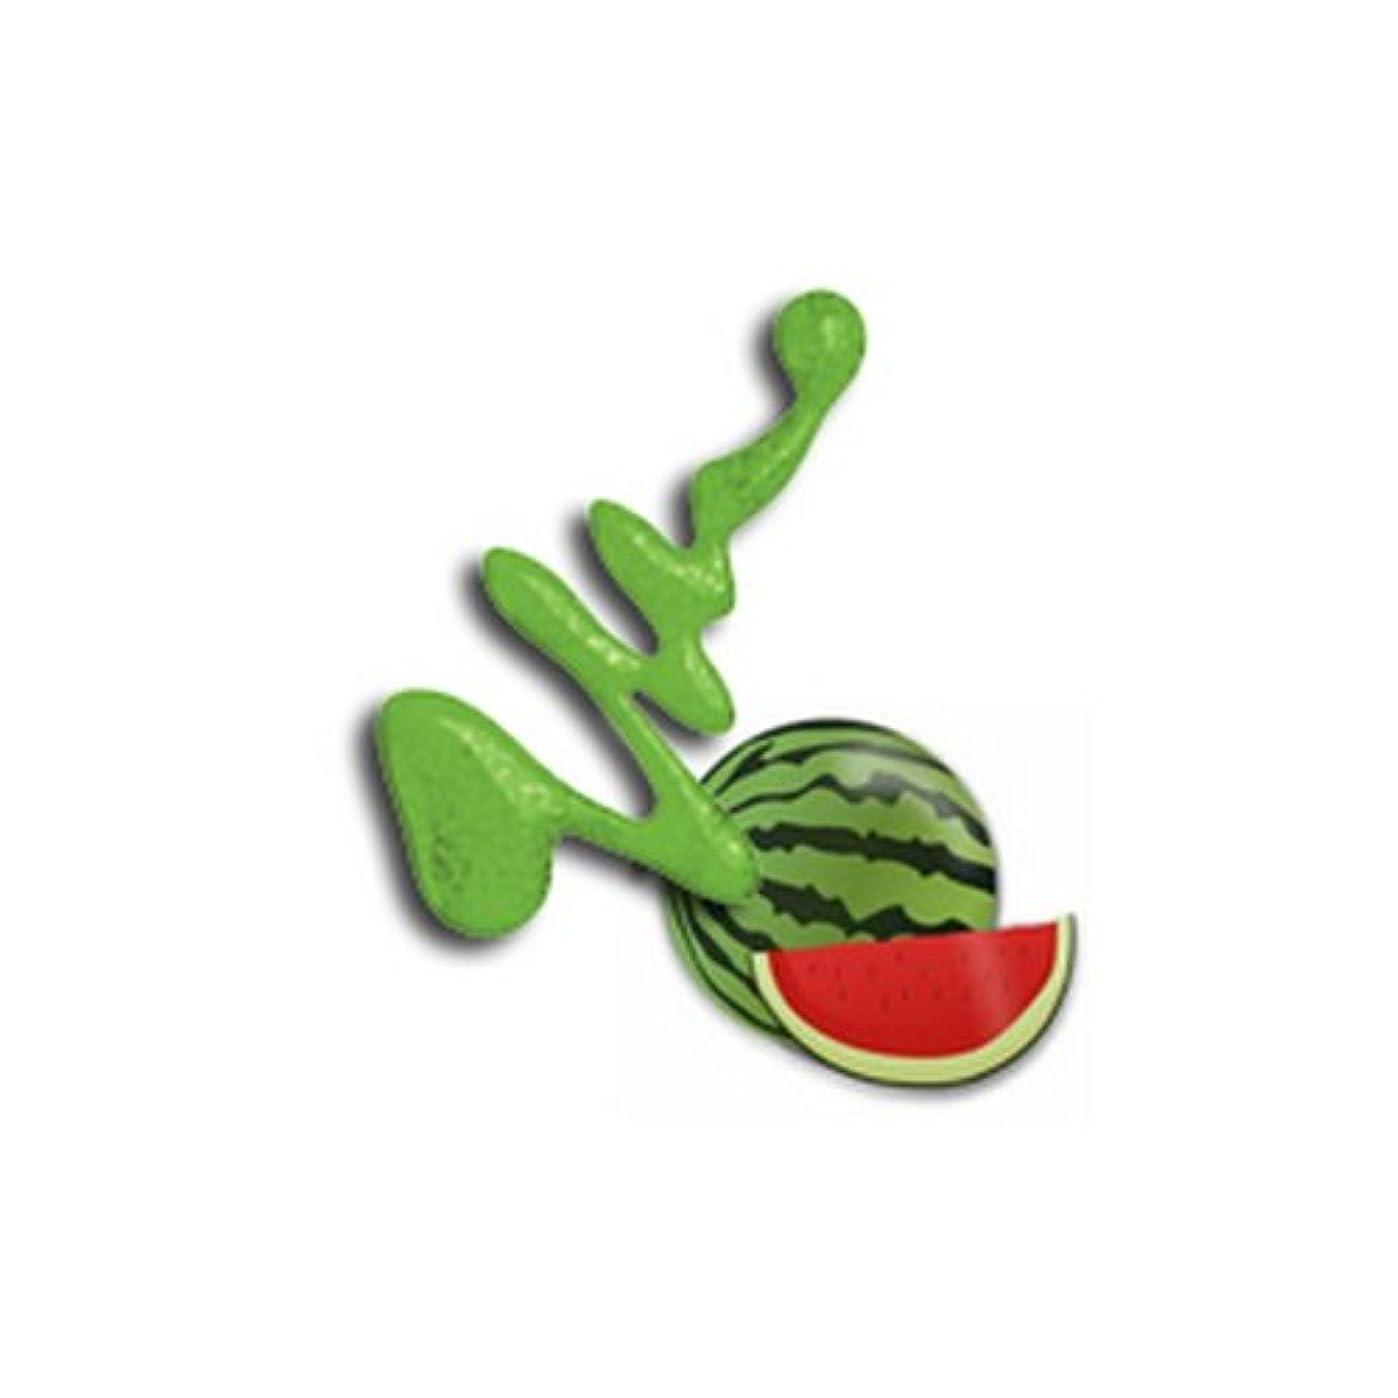 噛む発見幻滅(6 Pack) LA GIRL Fruity Scented Nail Polish - Watermelon Splash (並行輸入品)